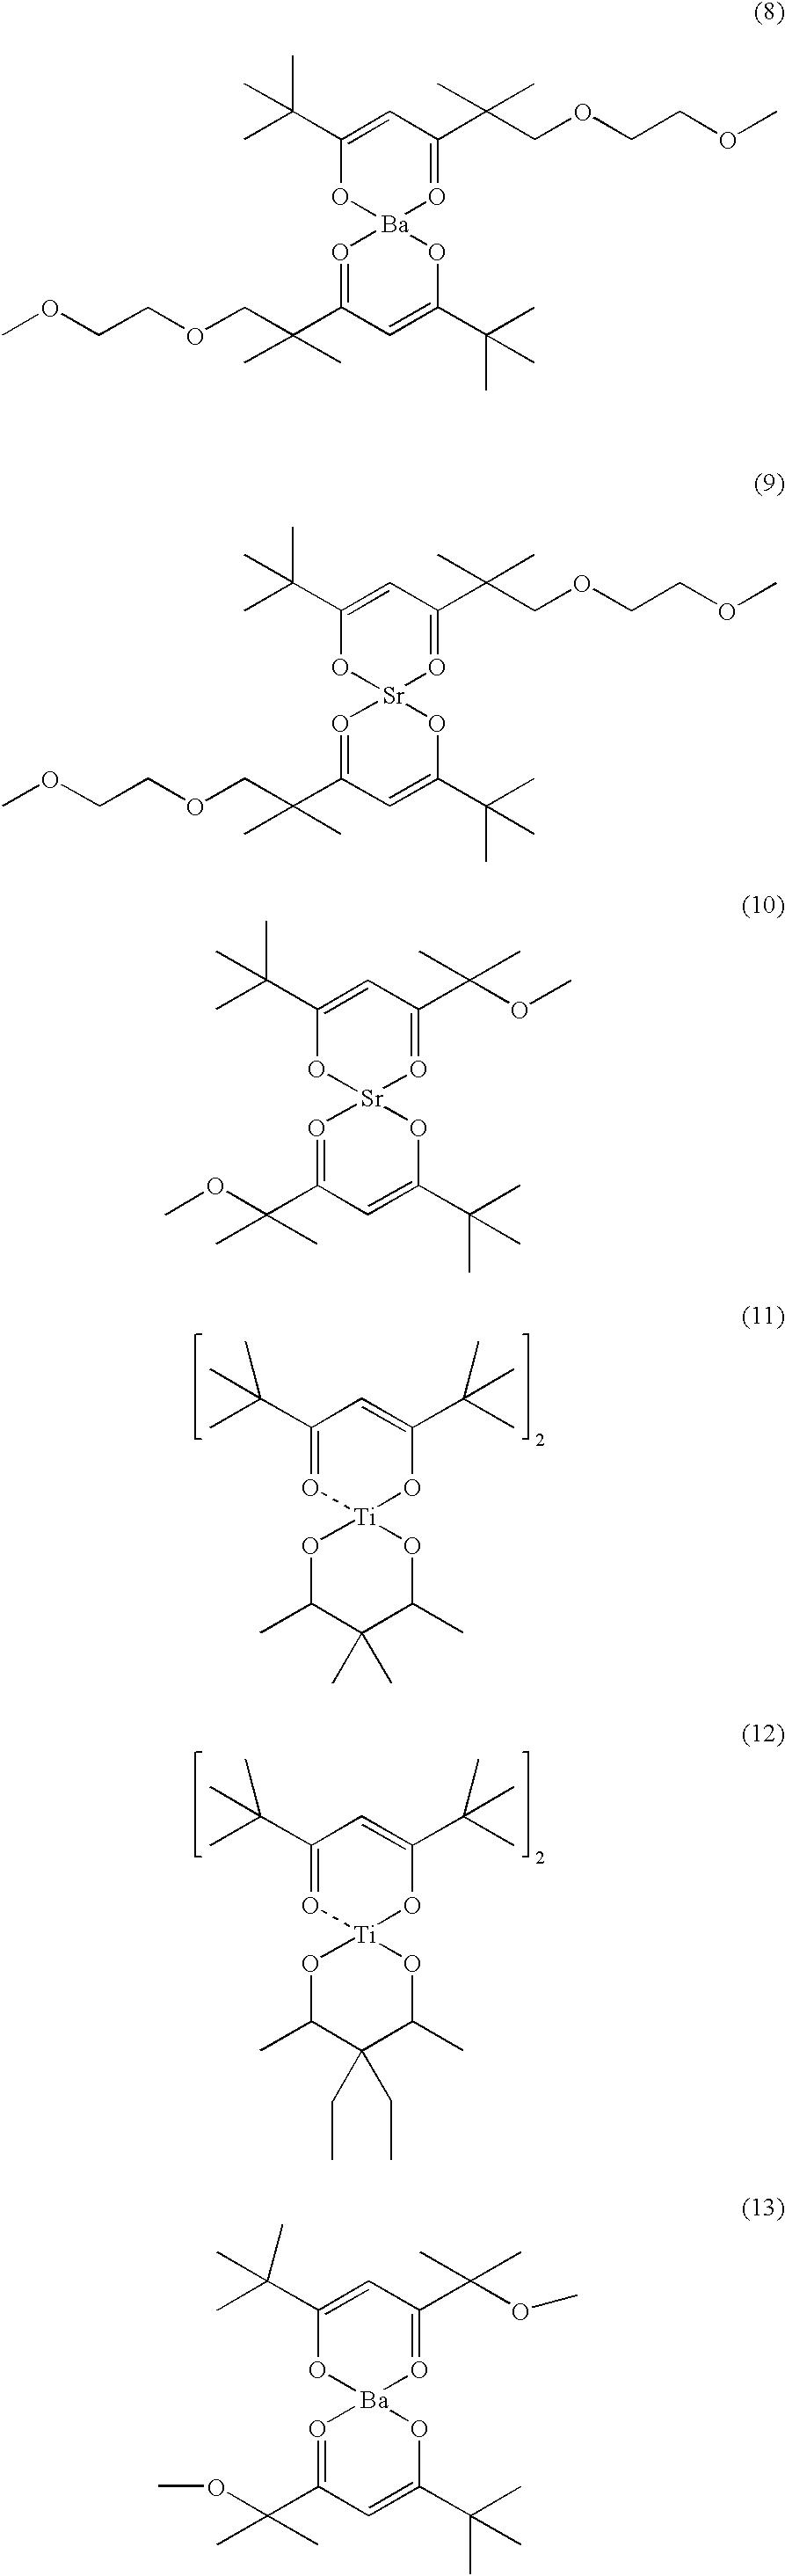 Figure US06752869-20040622-C00004